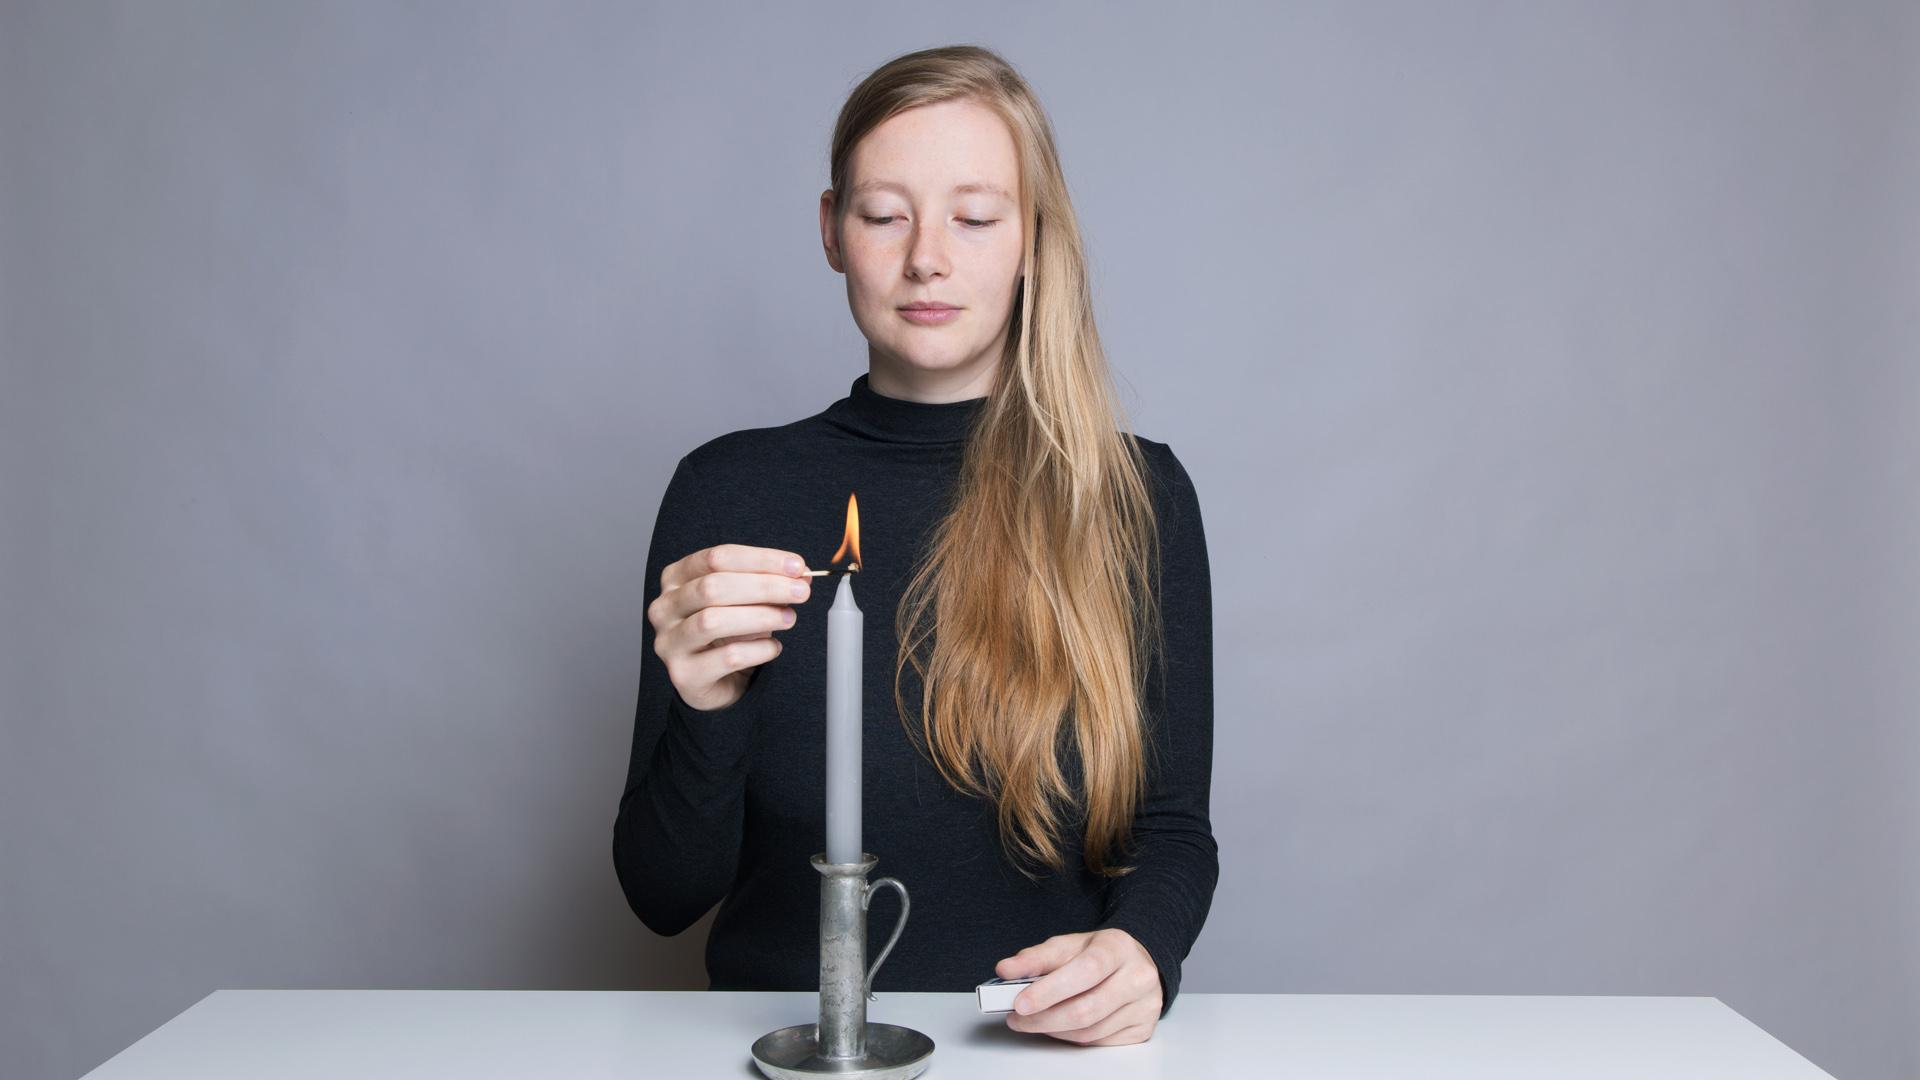 Anleitung - Eine Kerze anzünden / How to light a candle